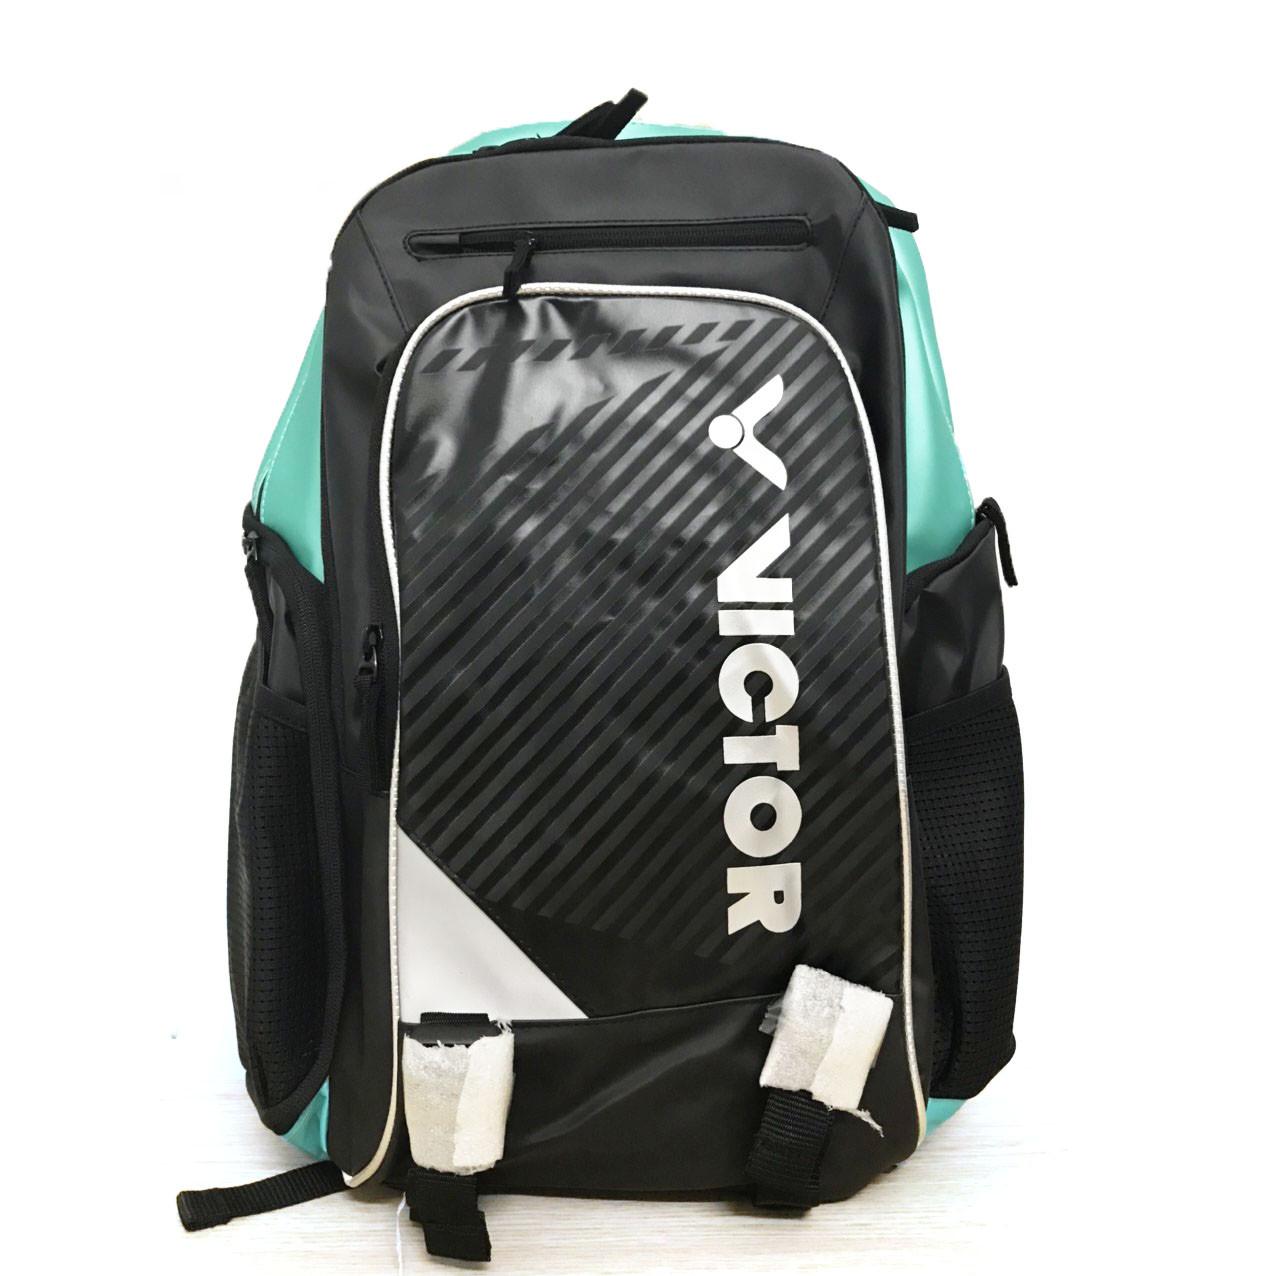 Balo cầu lông, Tennis Victor BR9009 chính hãng, siêu bền chống thấm nước, 2 màu thiết kế trẻ trung năng động